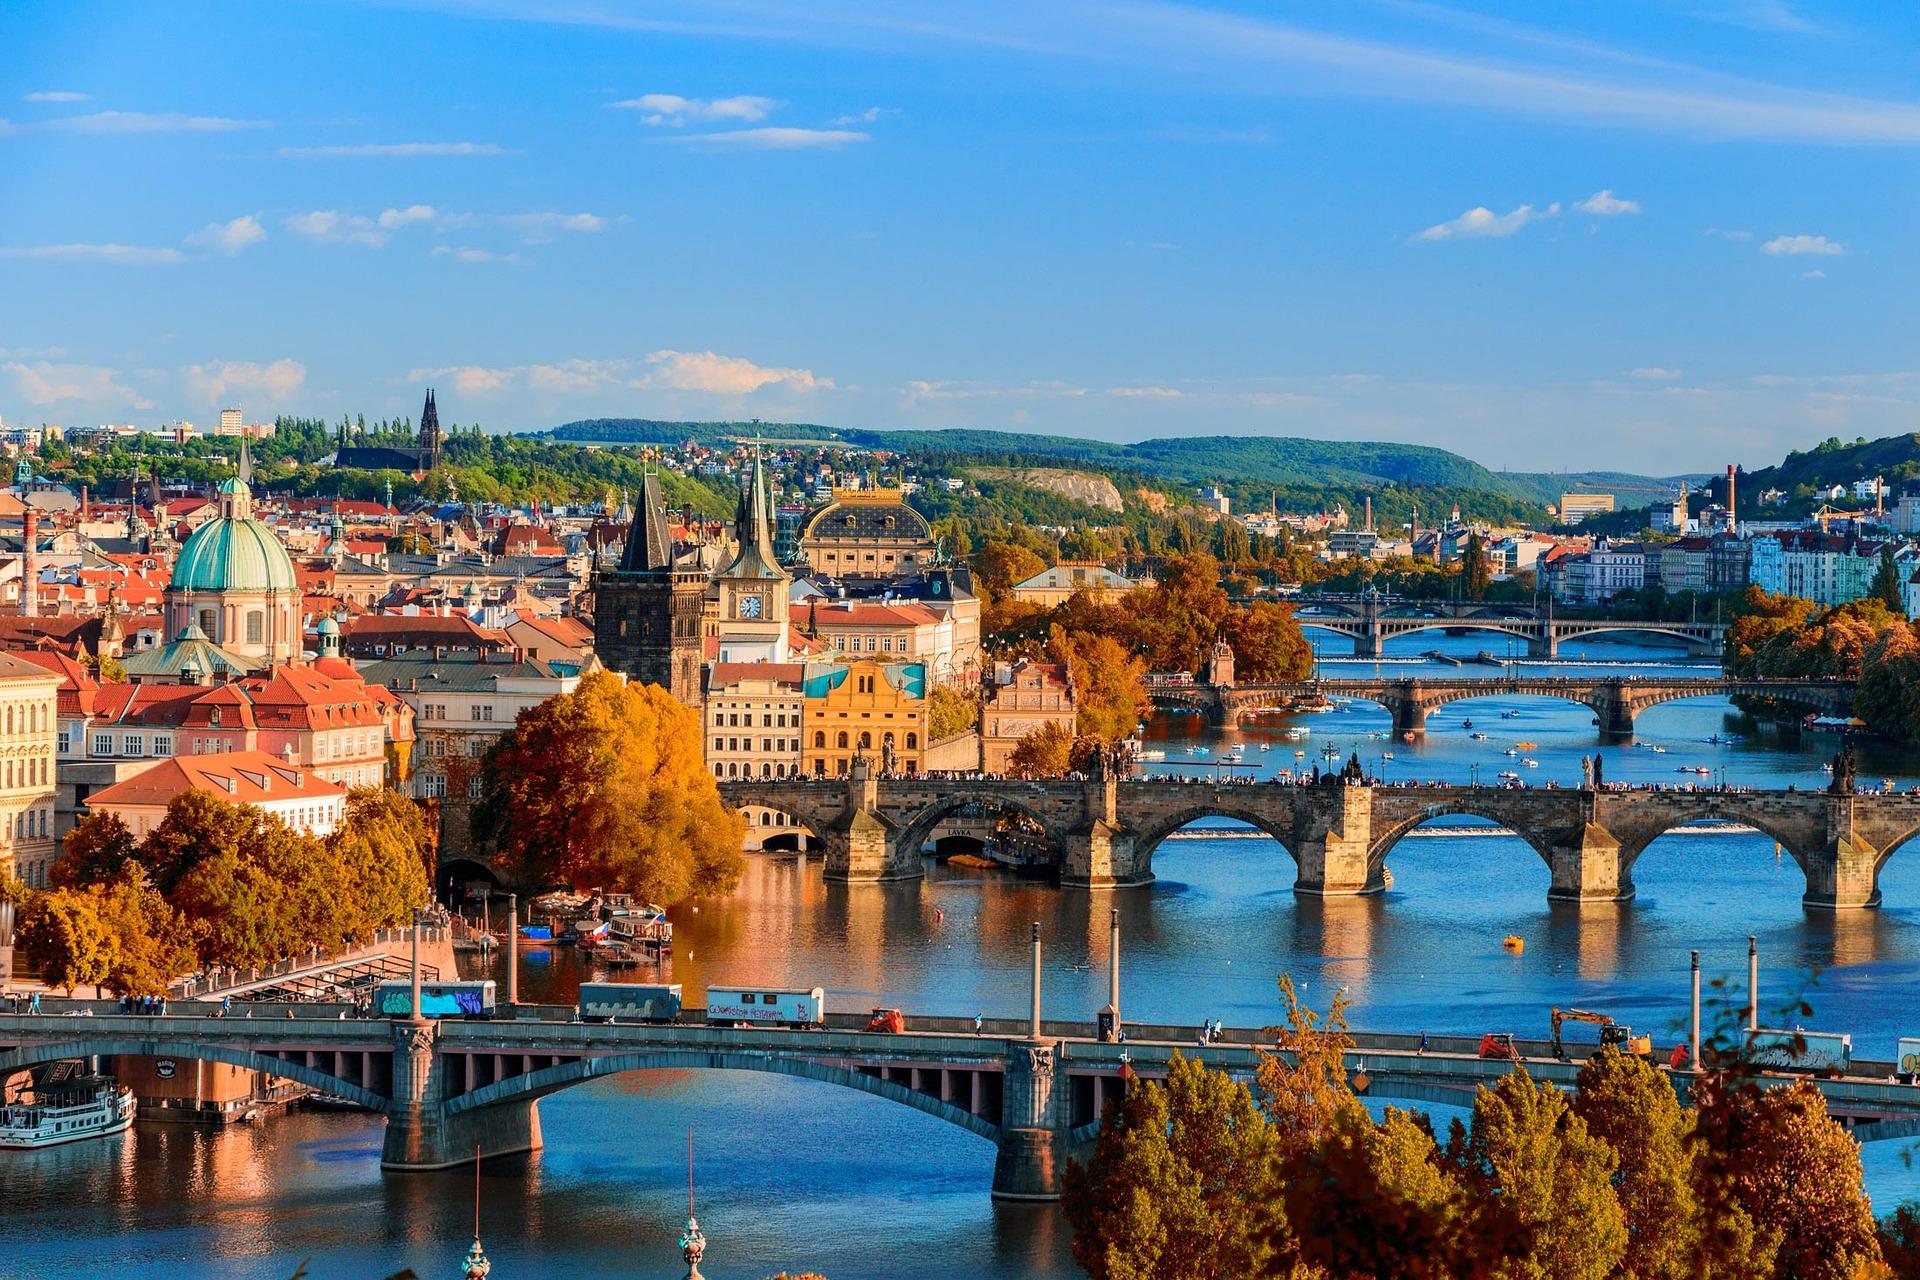 Praga Paste 2020 Piața de Crăciun Revelion 2020